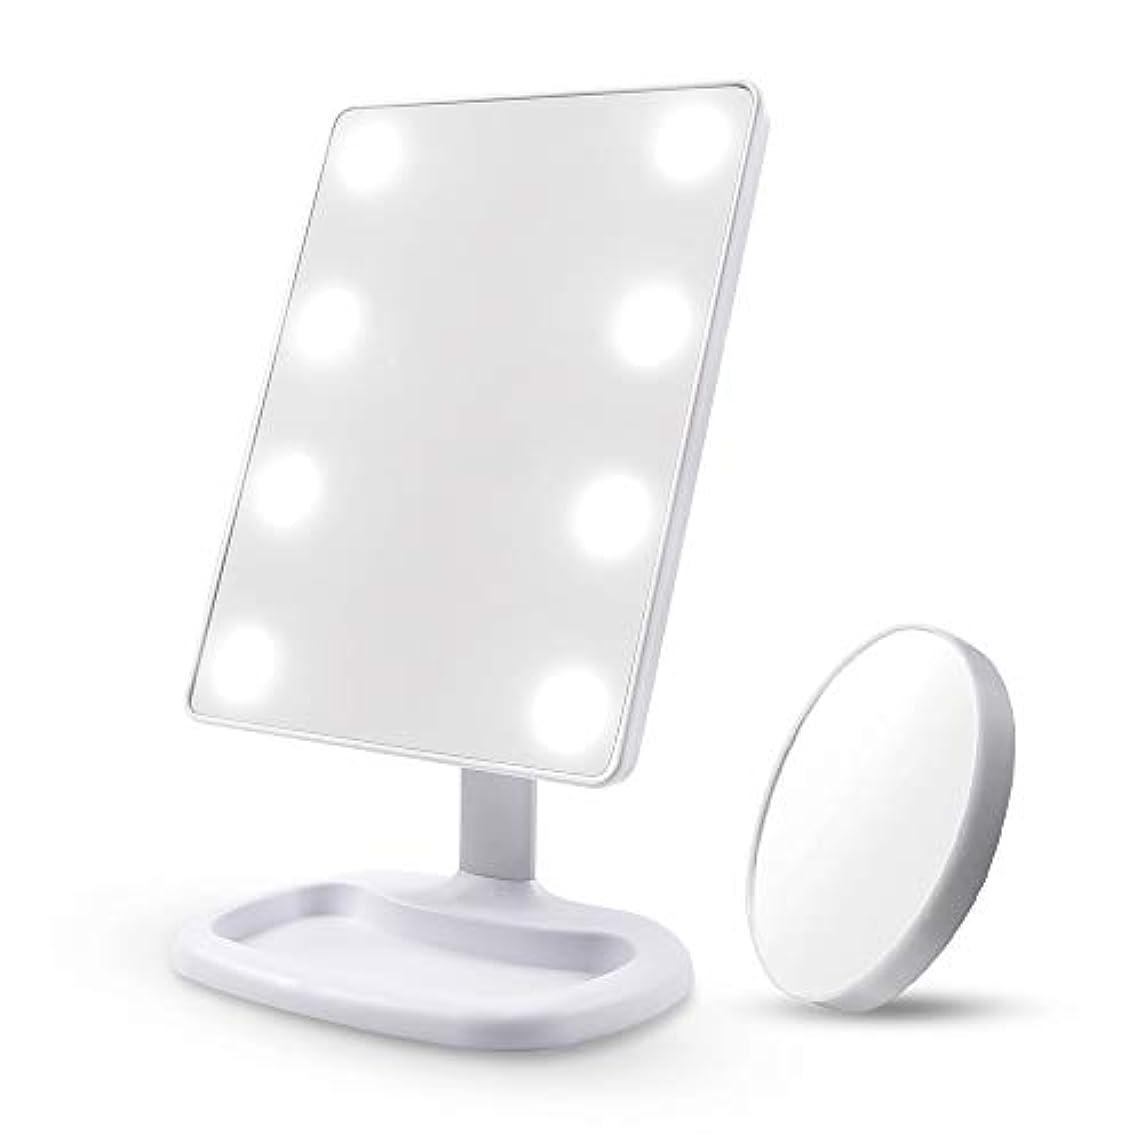 汚れる複雑疑問に思うDiolan 化粧鏡 女優ミラー 8個大きのLED付き 角度調節可能 10倍拡大鏡付き